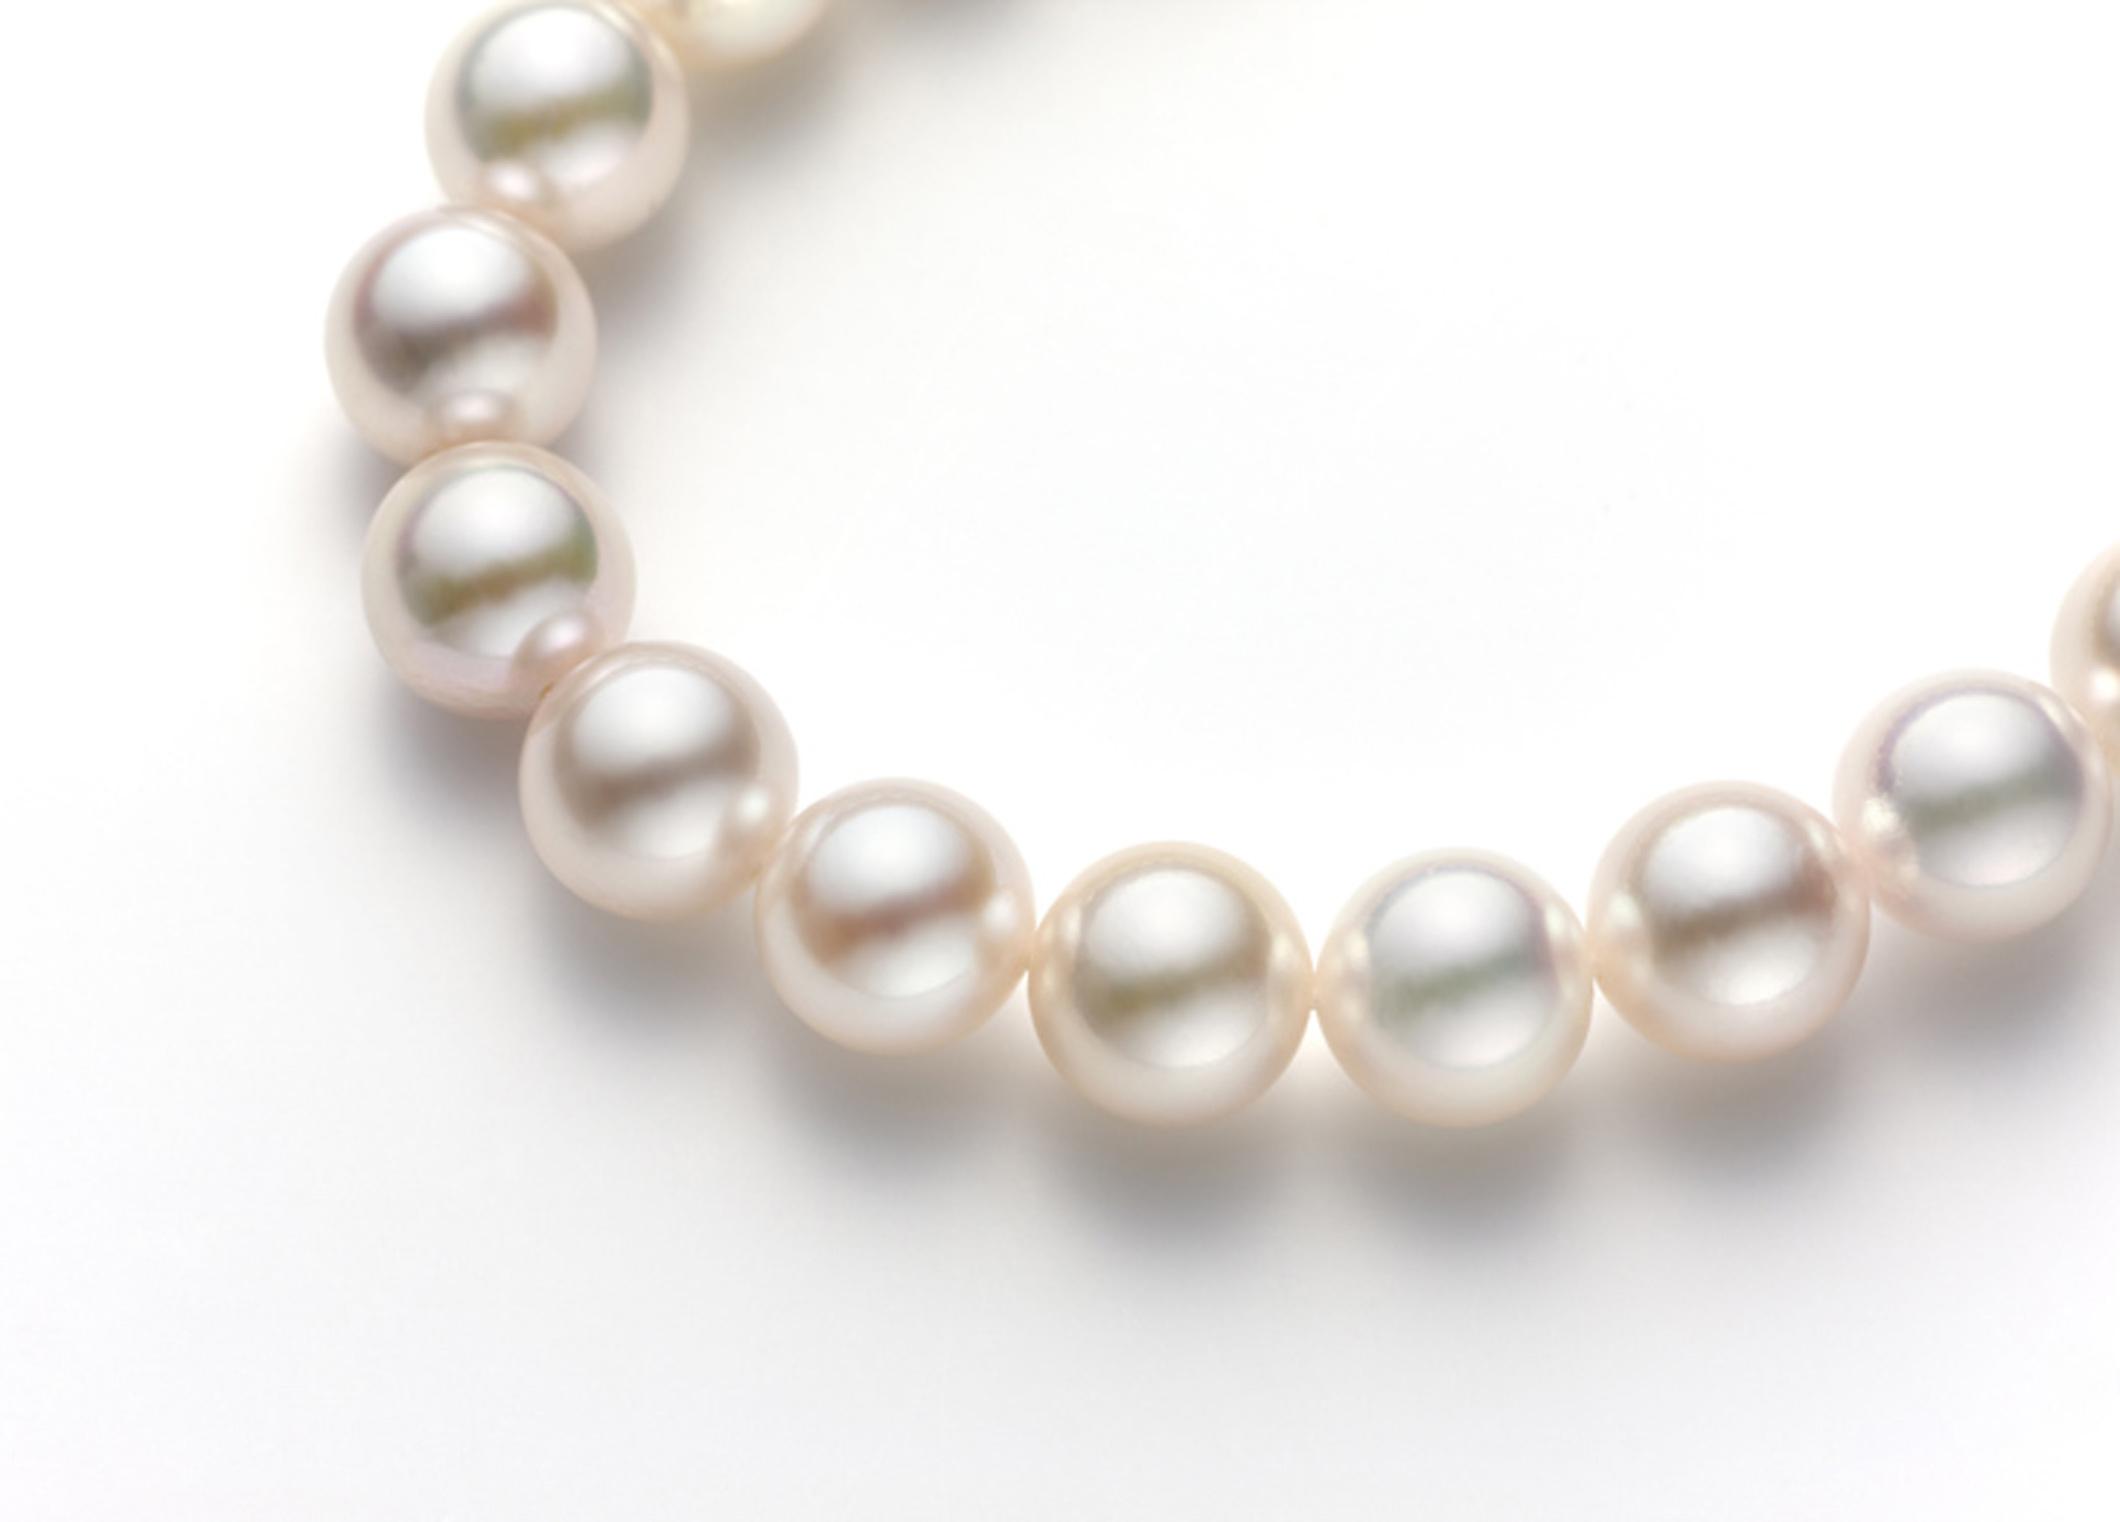 【静岡市】真珠の種類&基礎知識